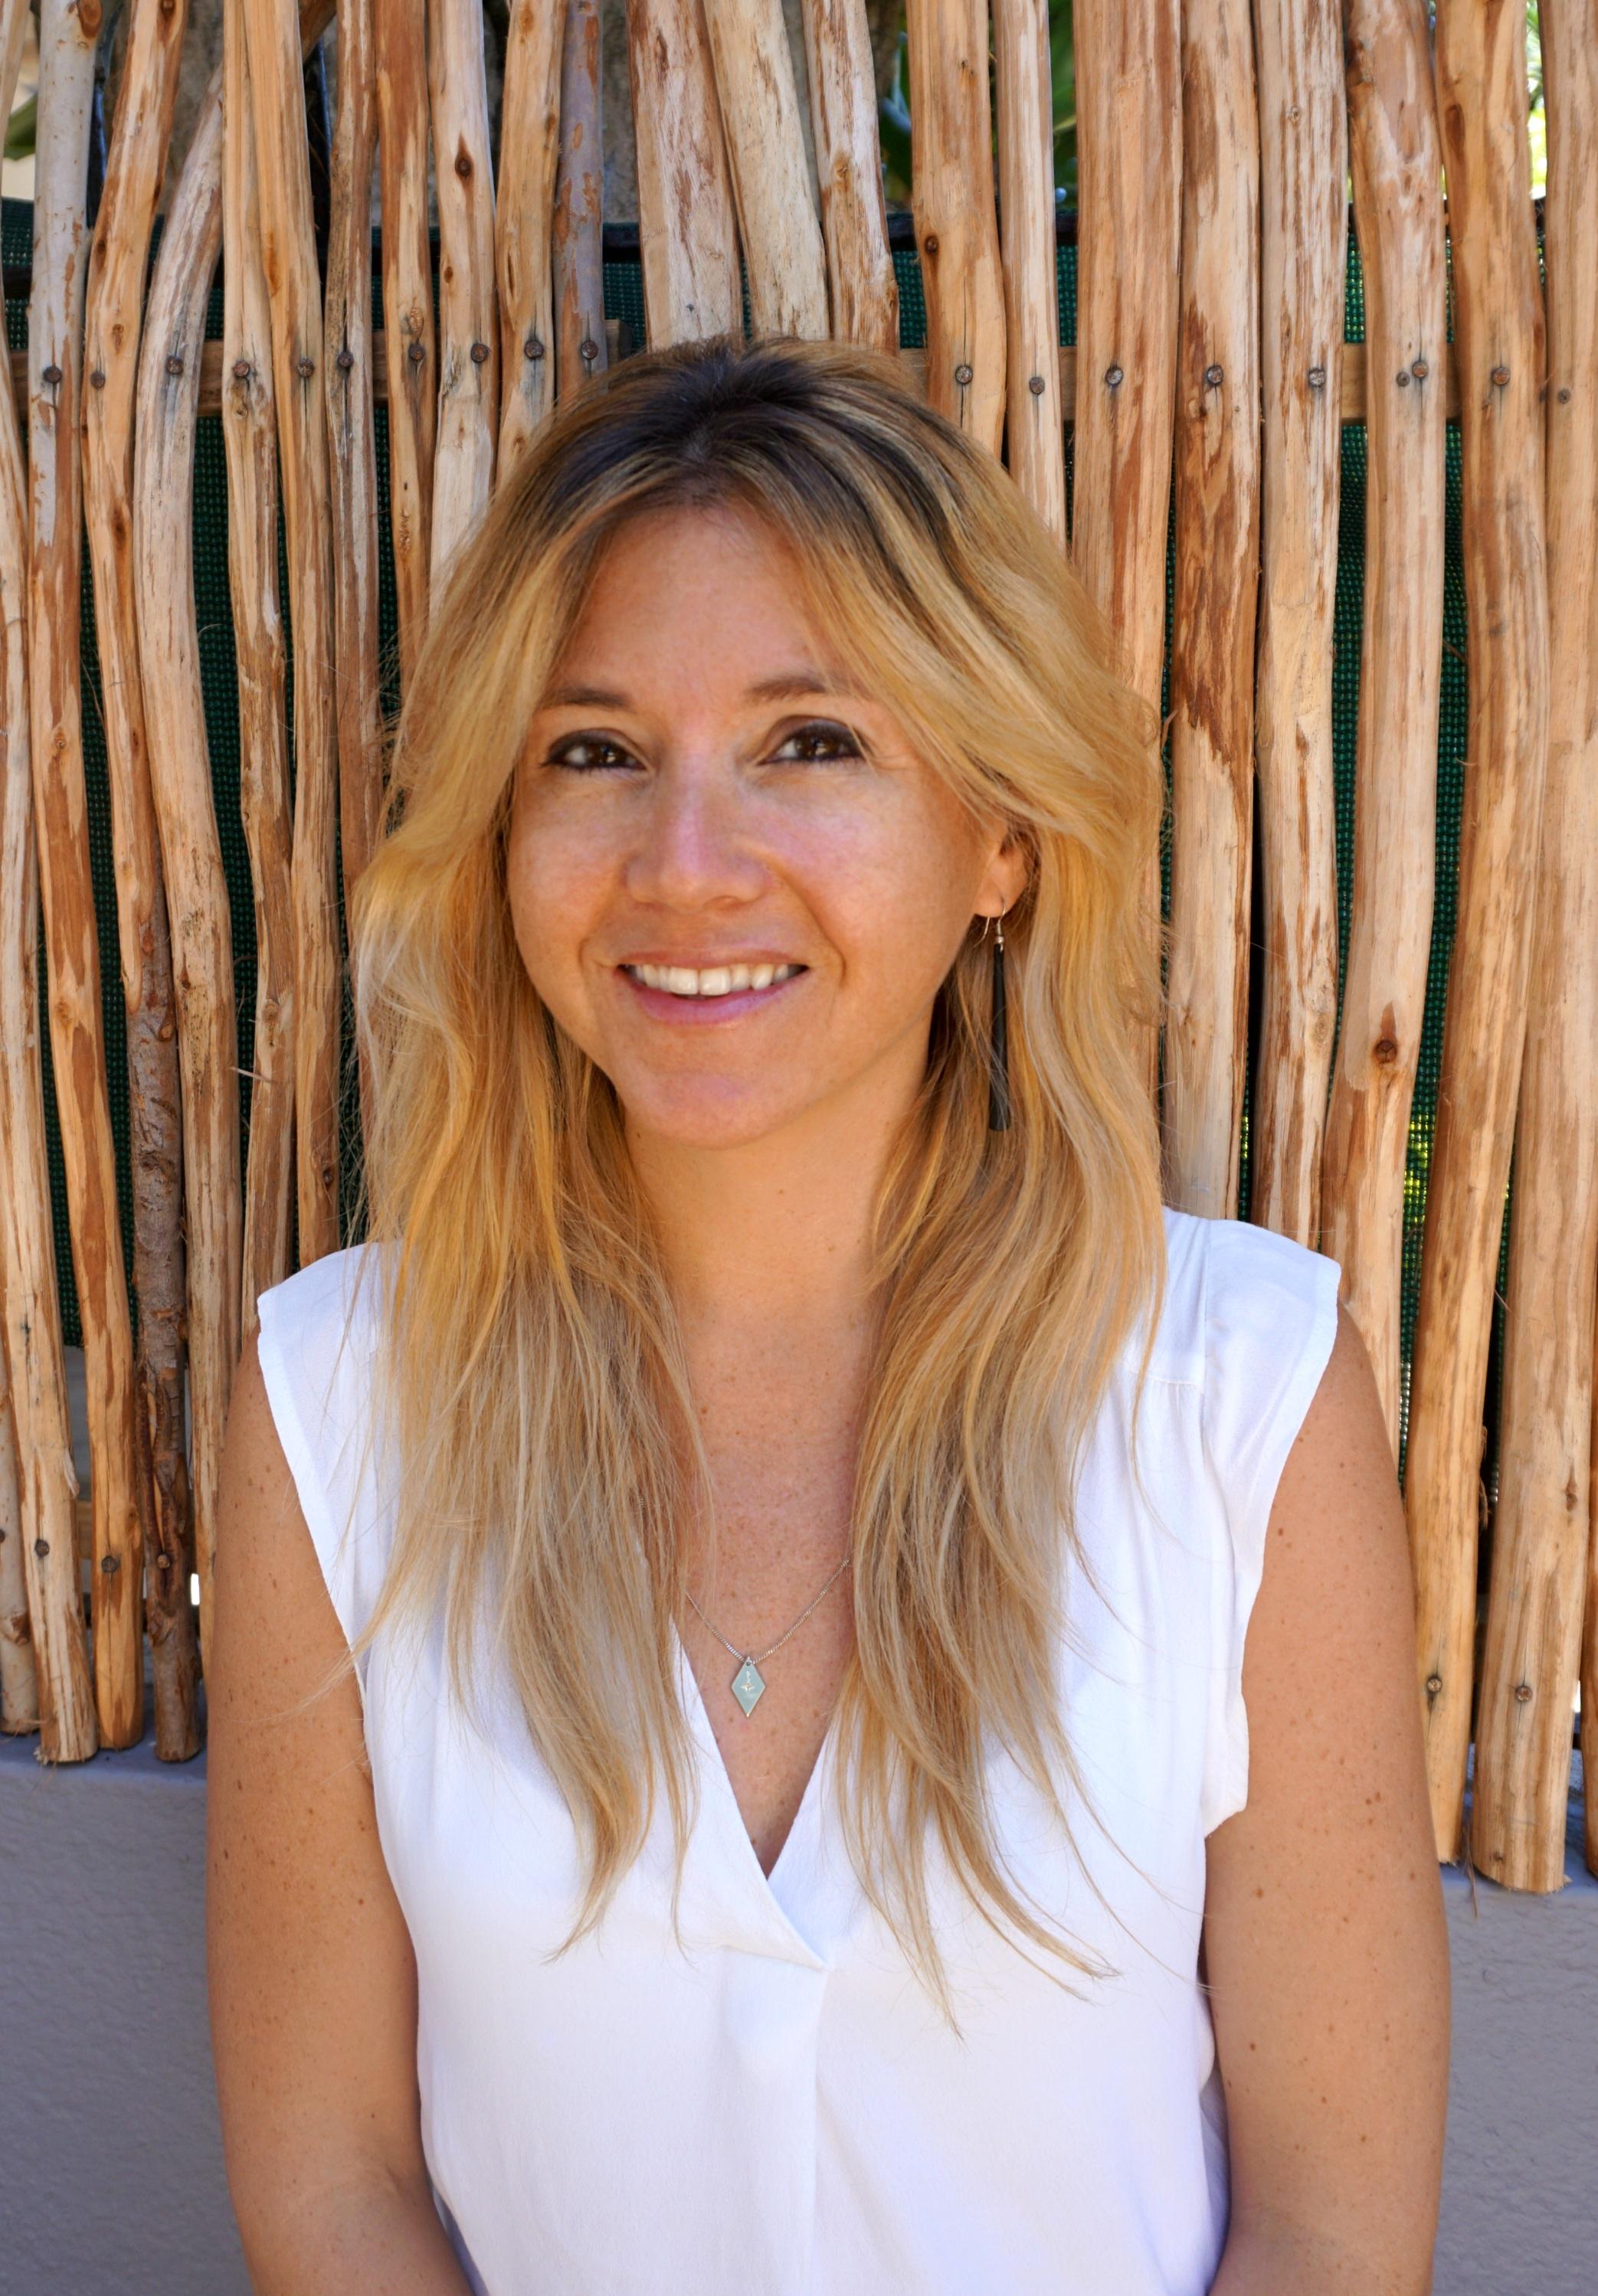 Sarah Bove